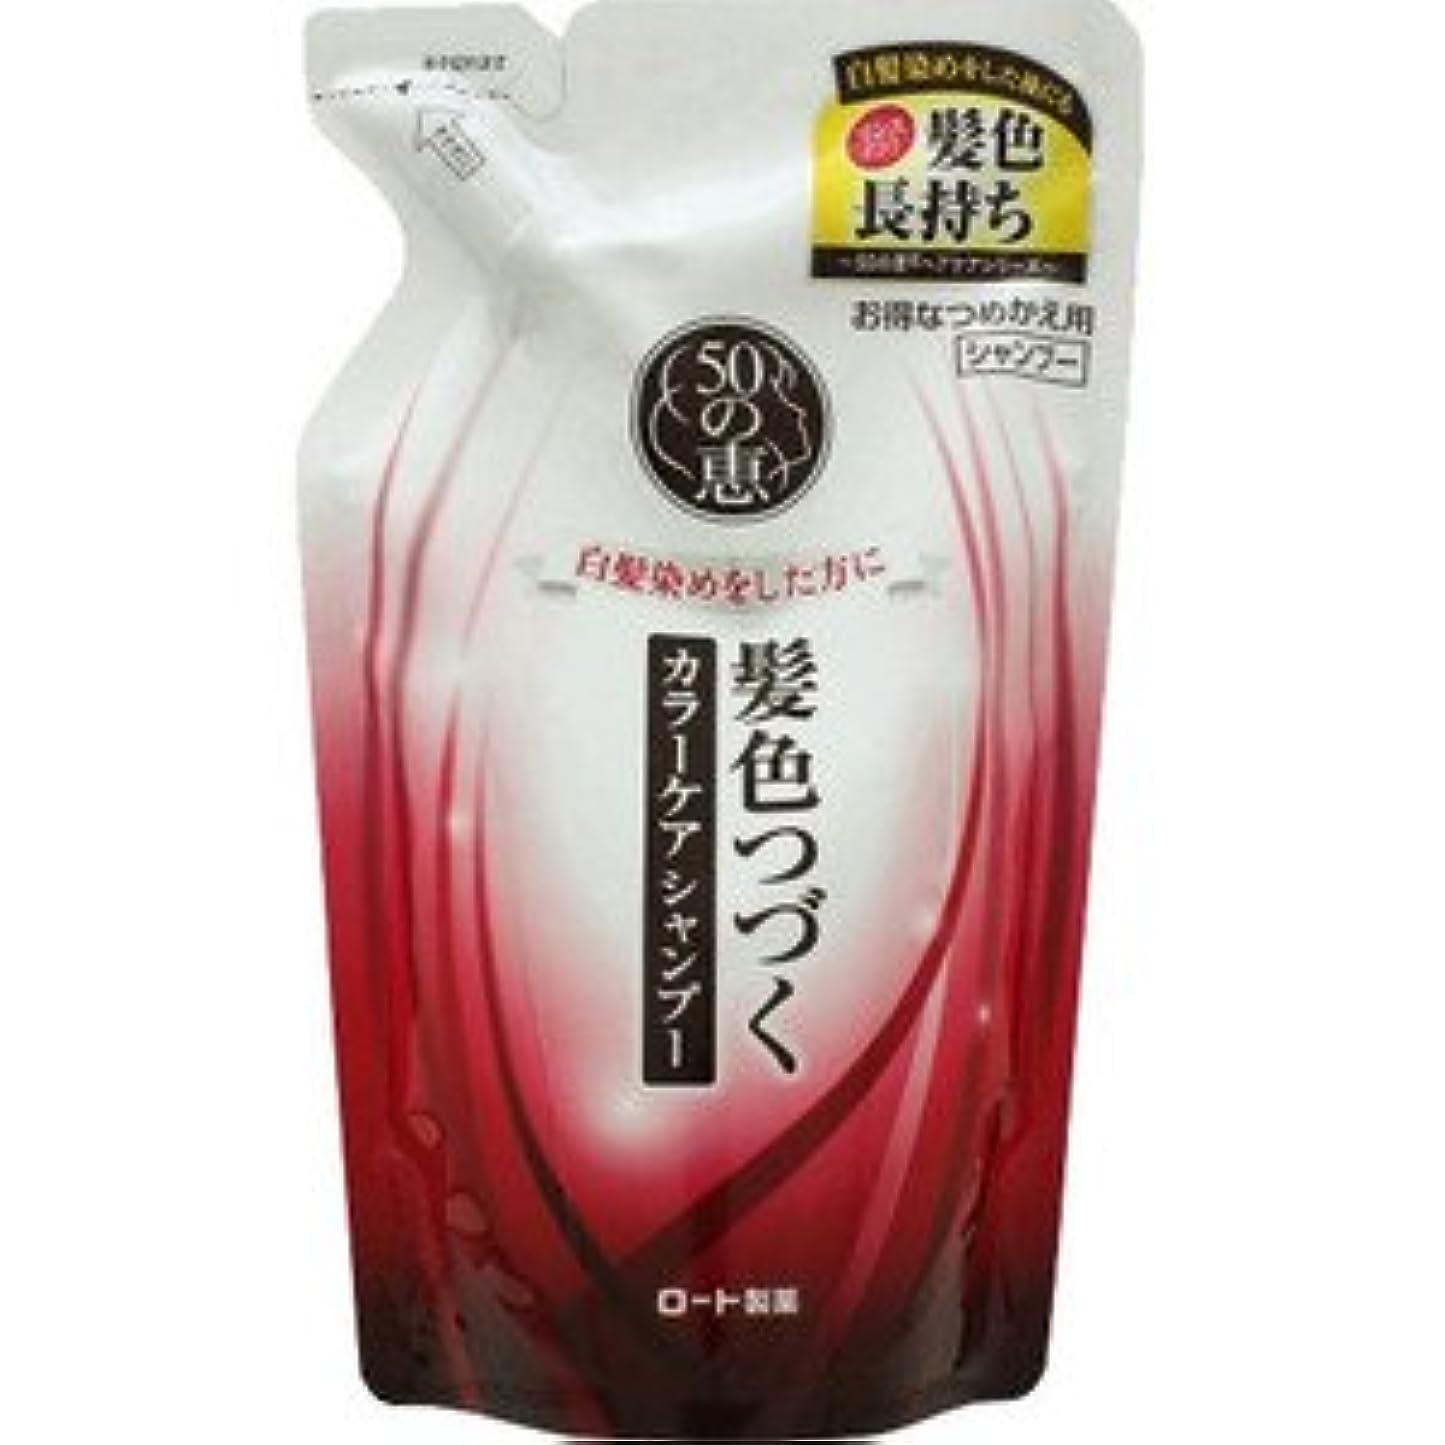 メッセージスリム気楽な(ロート製薬)50の恵 髪色つづく カラーケア シャンプー(つめかえ用) 330ml(お買い得3個セット)